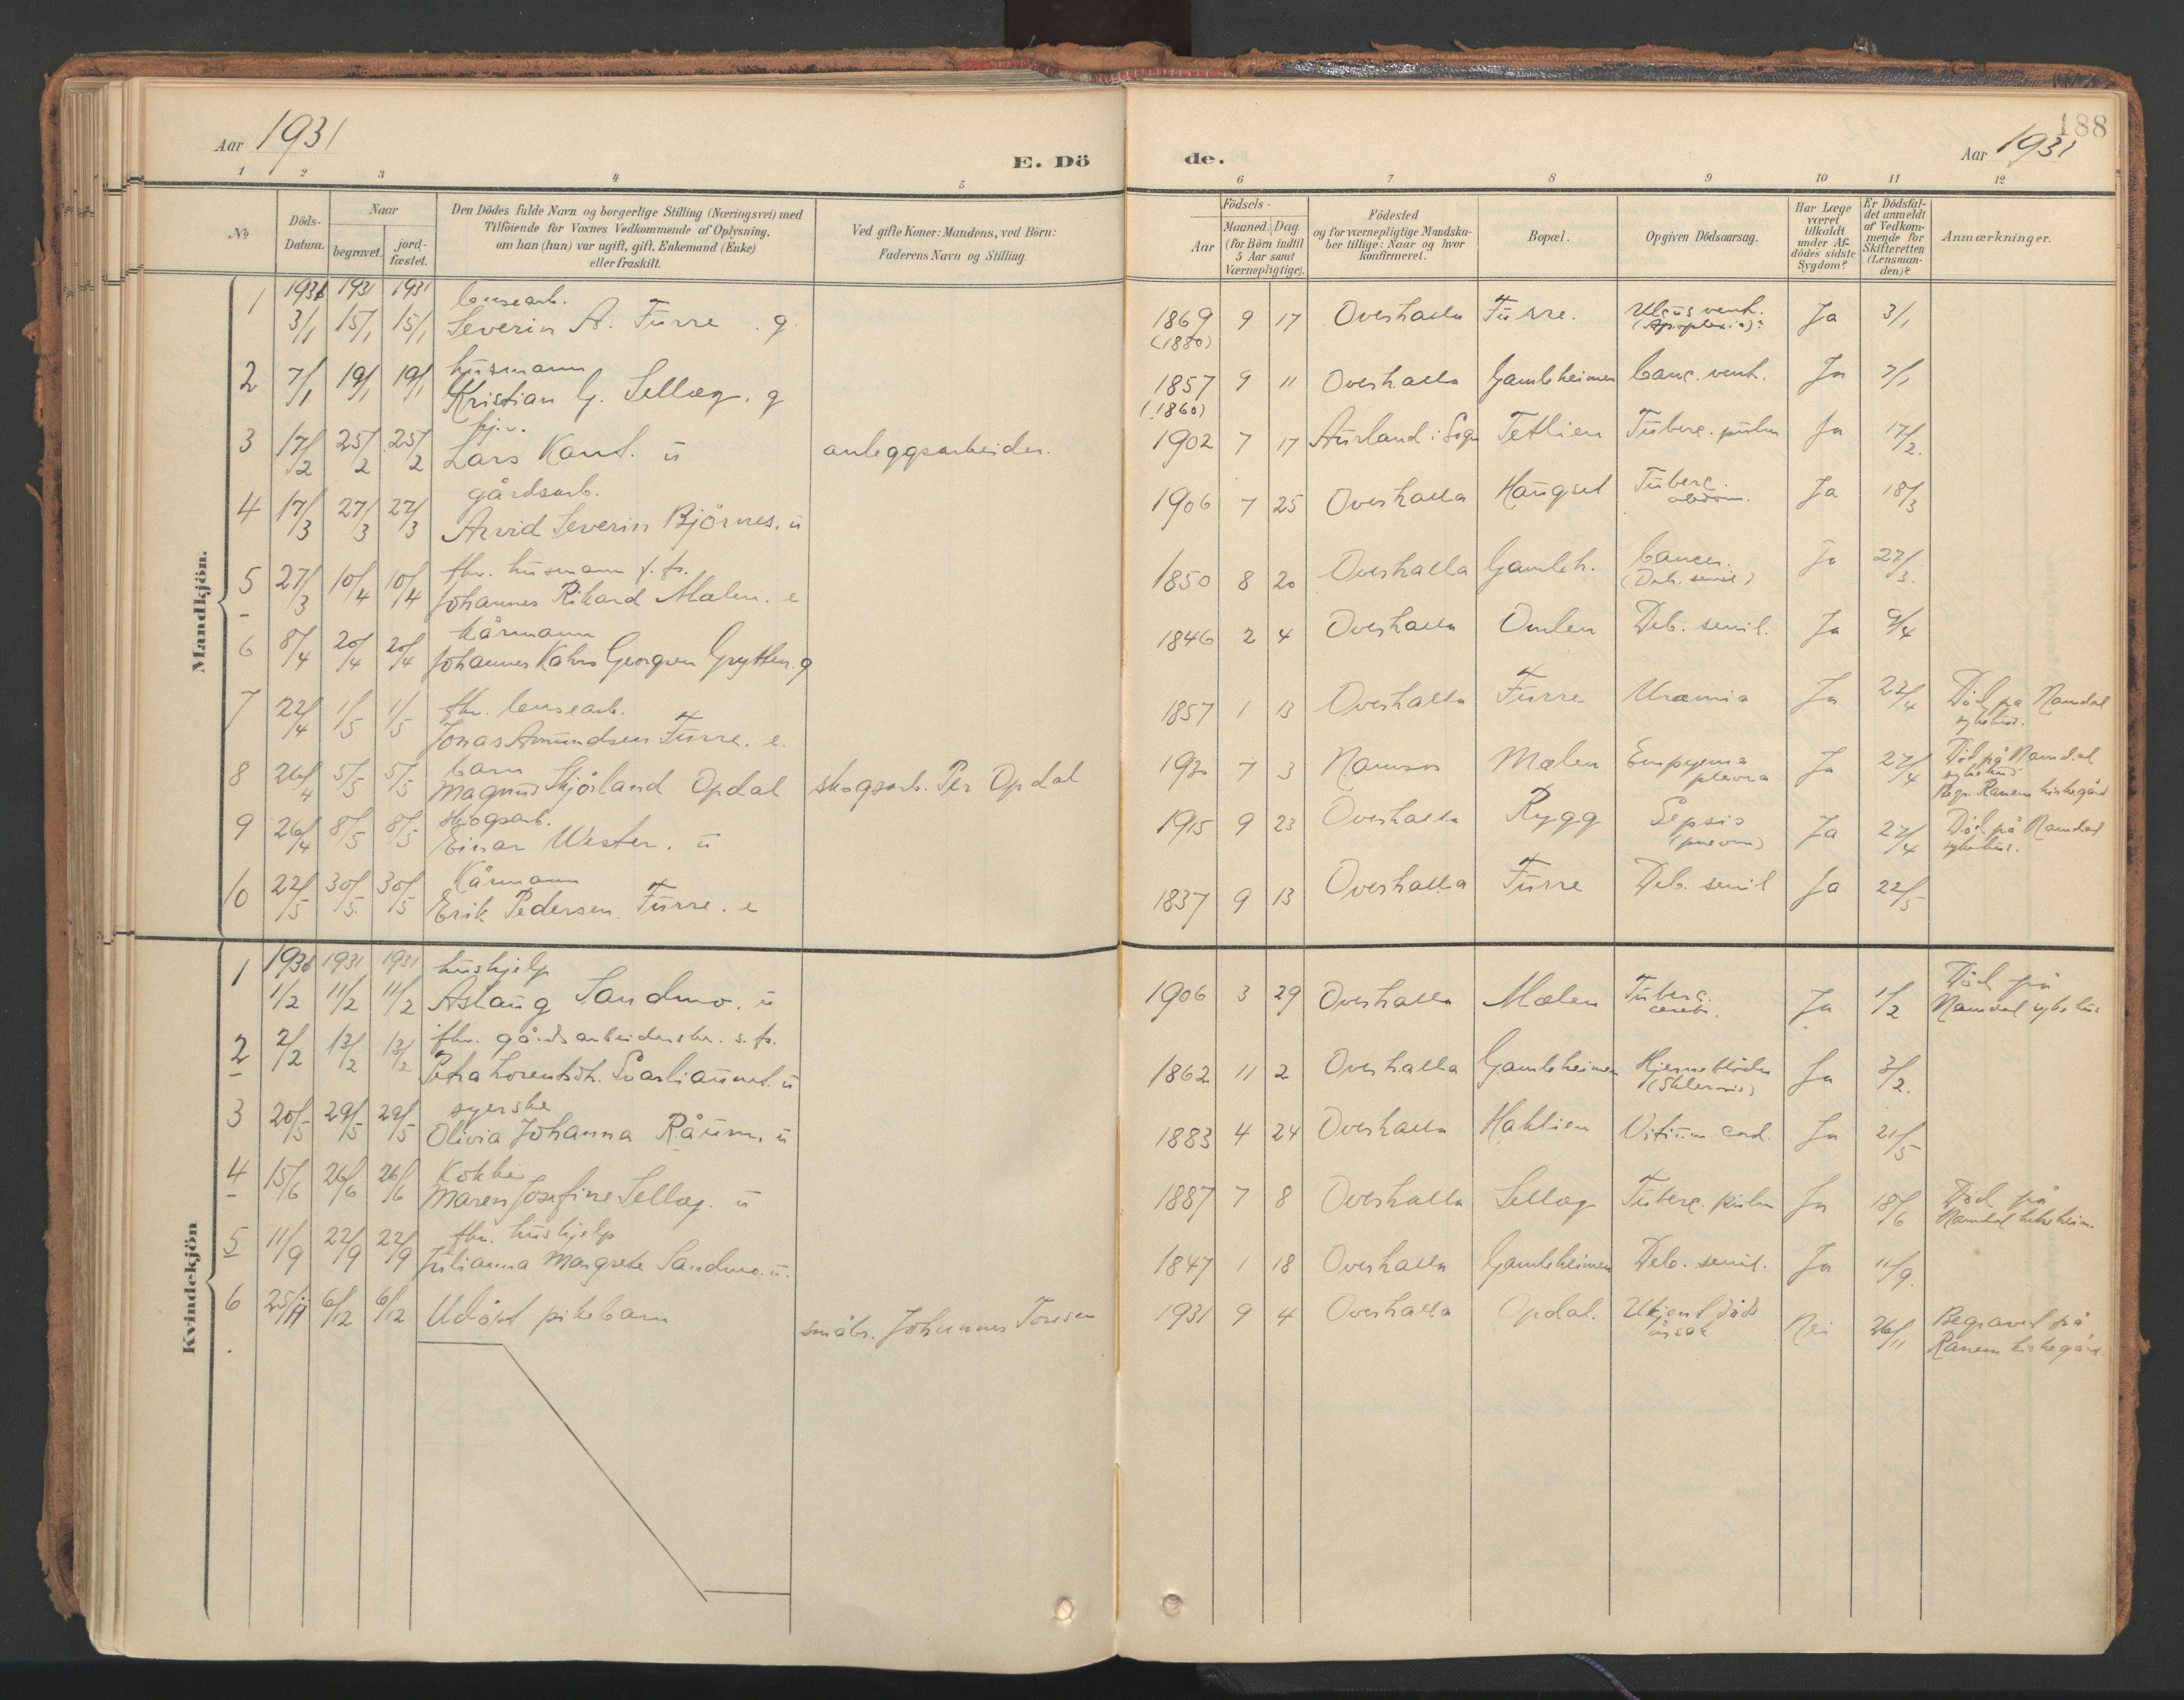 SAT, Ministerialprotokoller, klokkerbøker og fødselsregistre - Nord-Trøndelag, 766/L0564: Ministerialbok nr. 767A02, 1900-1932, s. 188